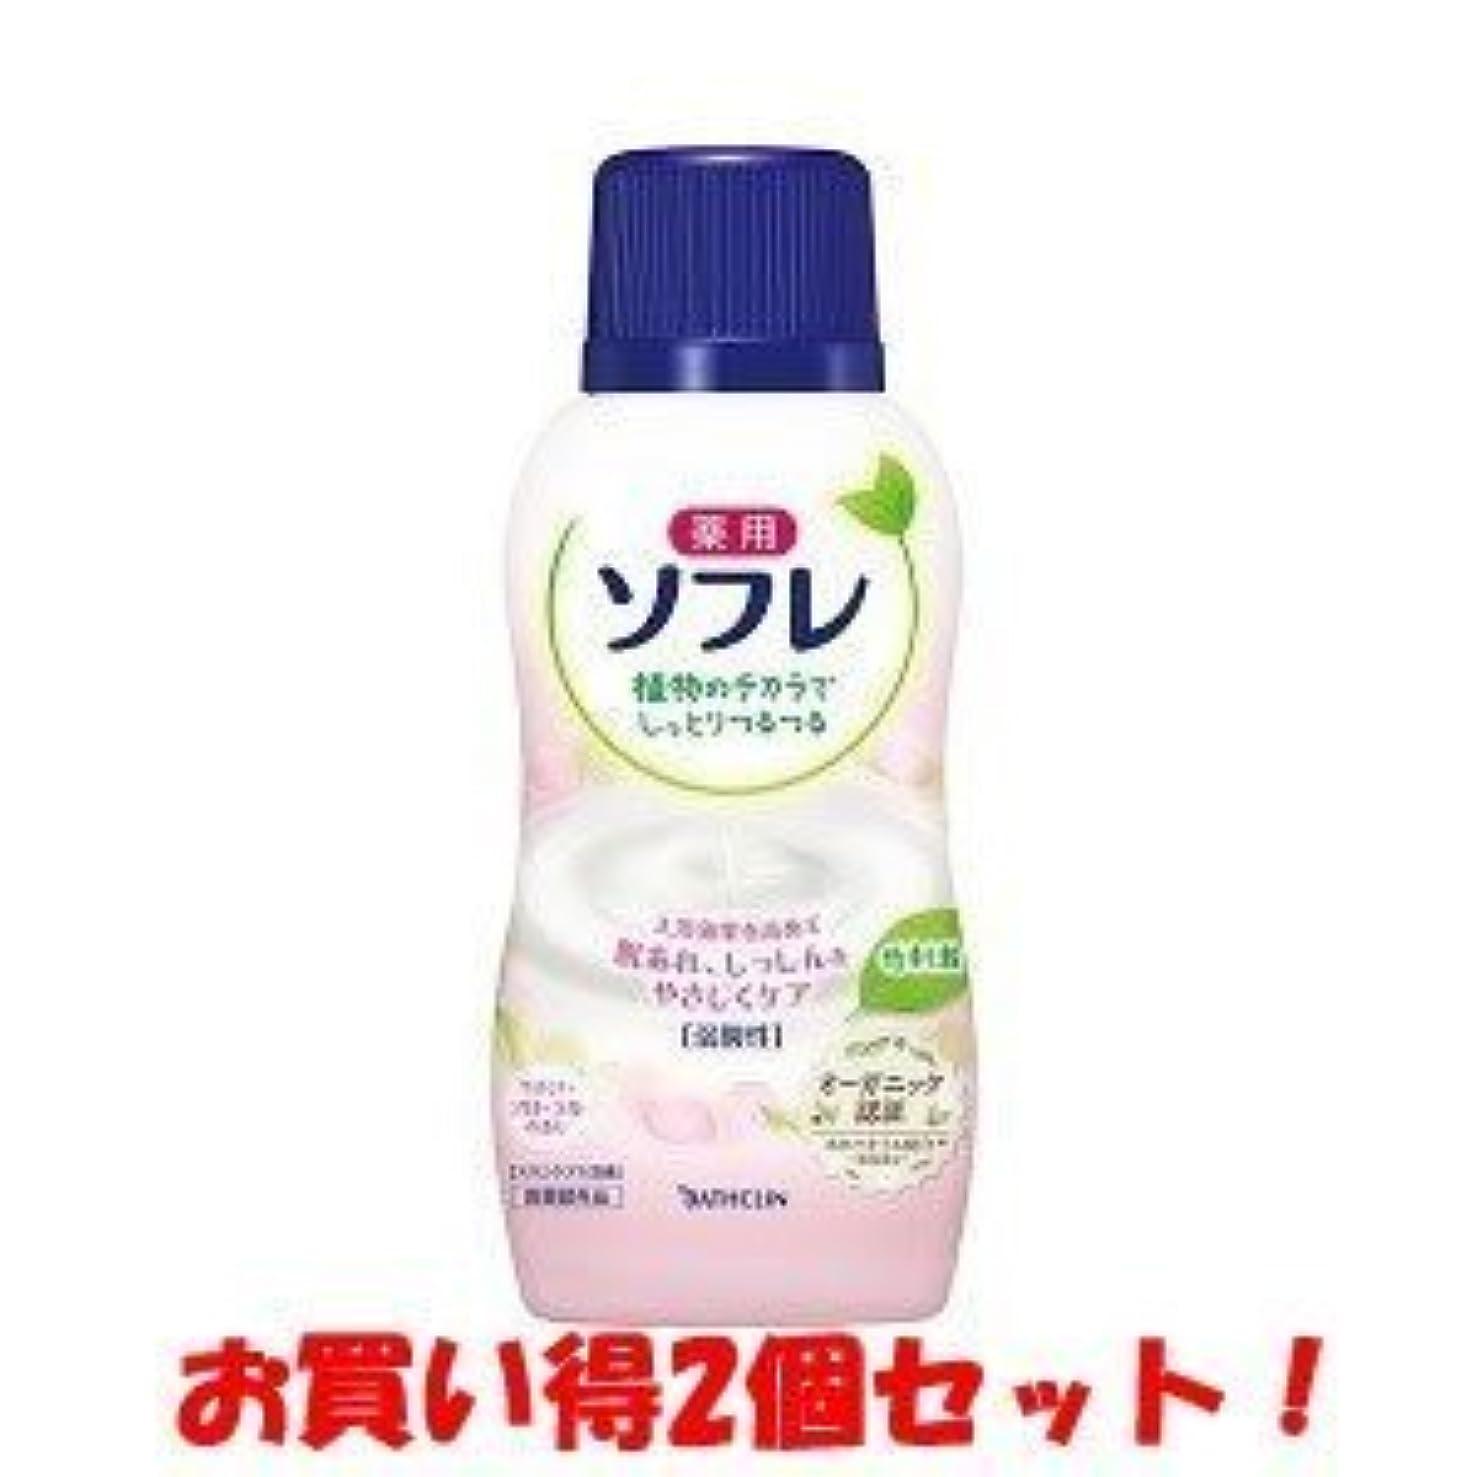 (バスクリン)薬用ソフレ スキンケア入浴液 やさしいフローラル香り 720ml(医薬部外品)(お買い得2個セット)